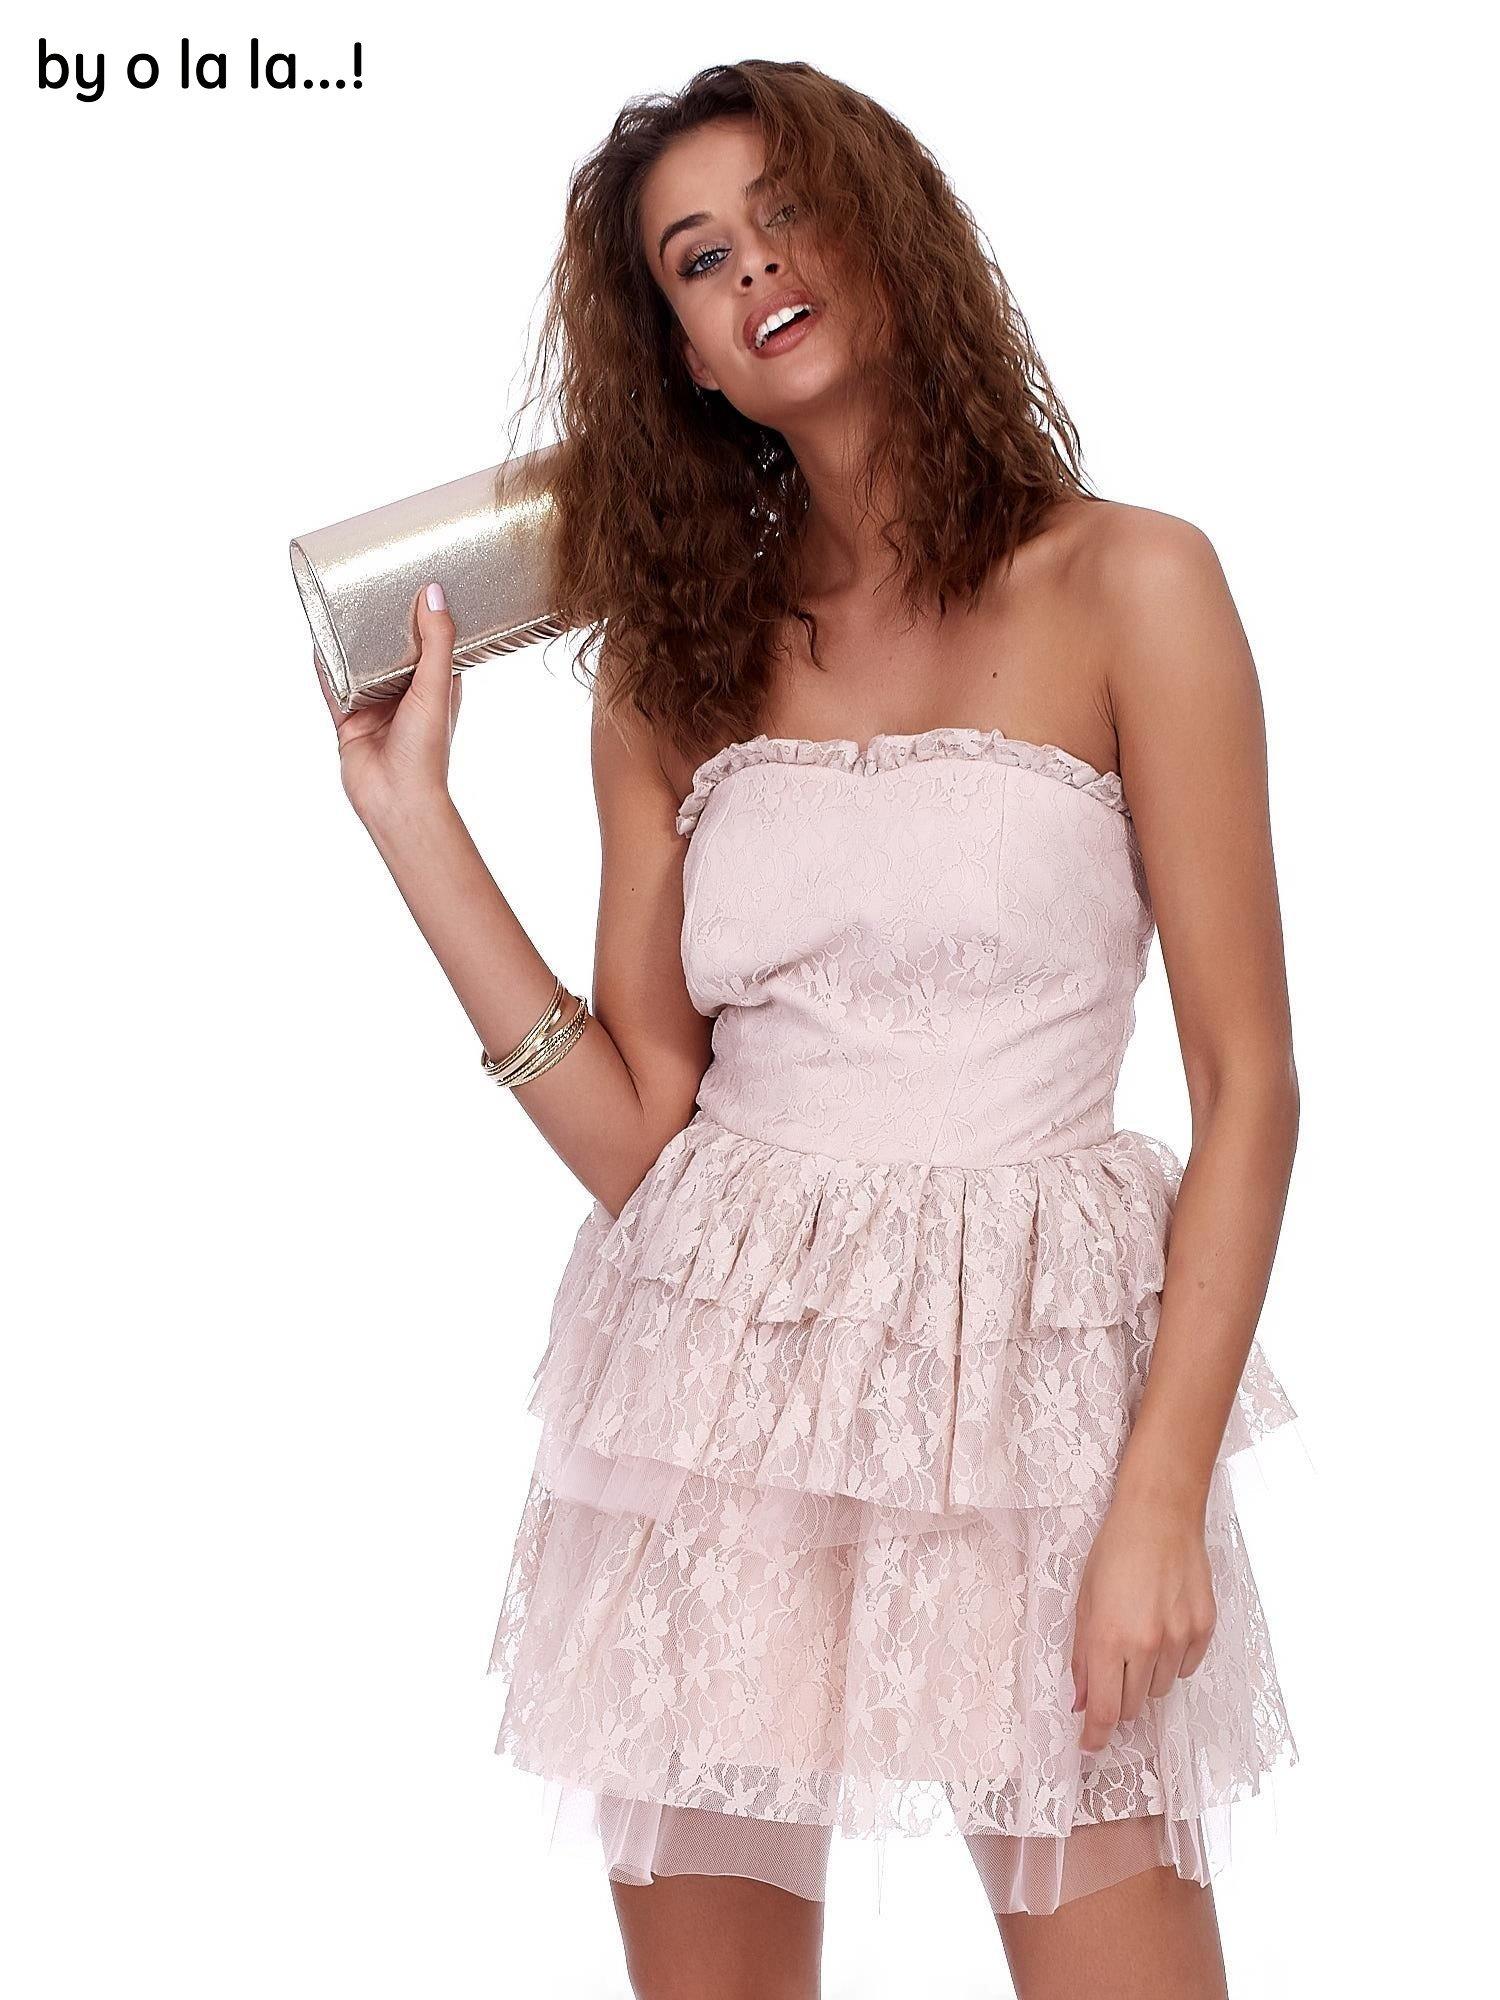 aefc8c3eb4 Różowa koronkowa sukienka z warstwowymi falbanami BY O LA LA - Sukienka  koktajlowa - sklep eButik.pl